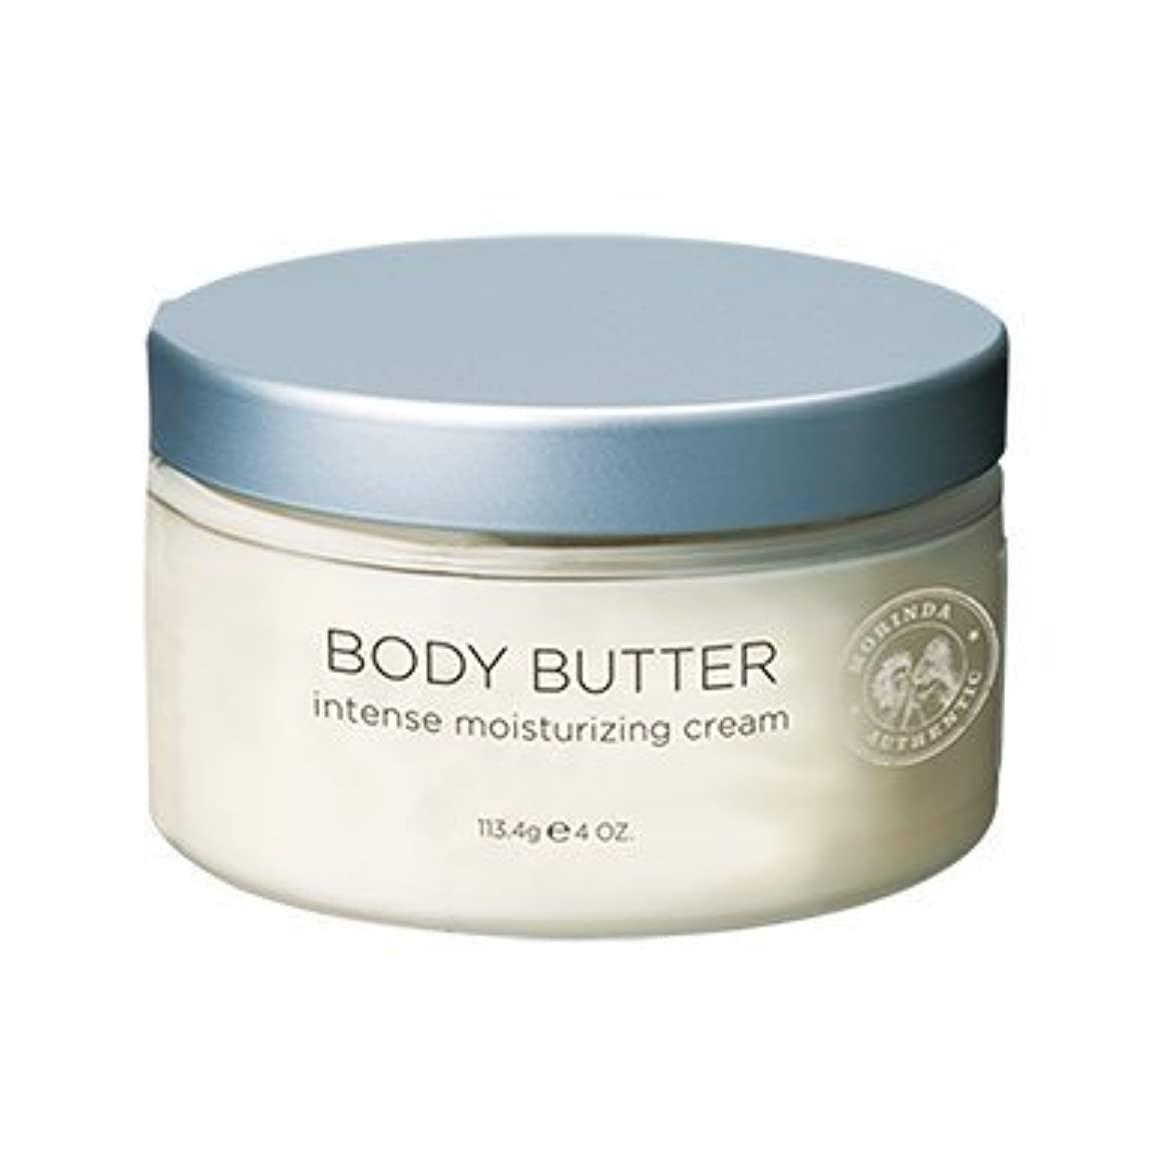 リーダーシップ無条件個人モリンダ MORINDA ボディー バター ボディ用 クリーム タヒチアンノニ Body Butter Cream